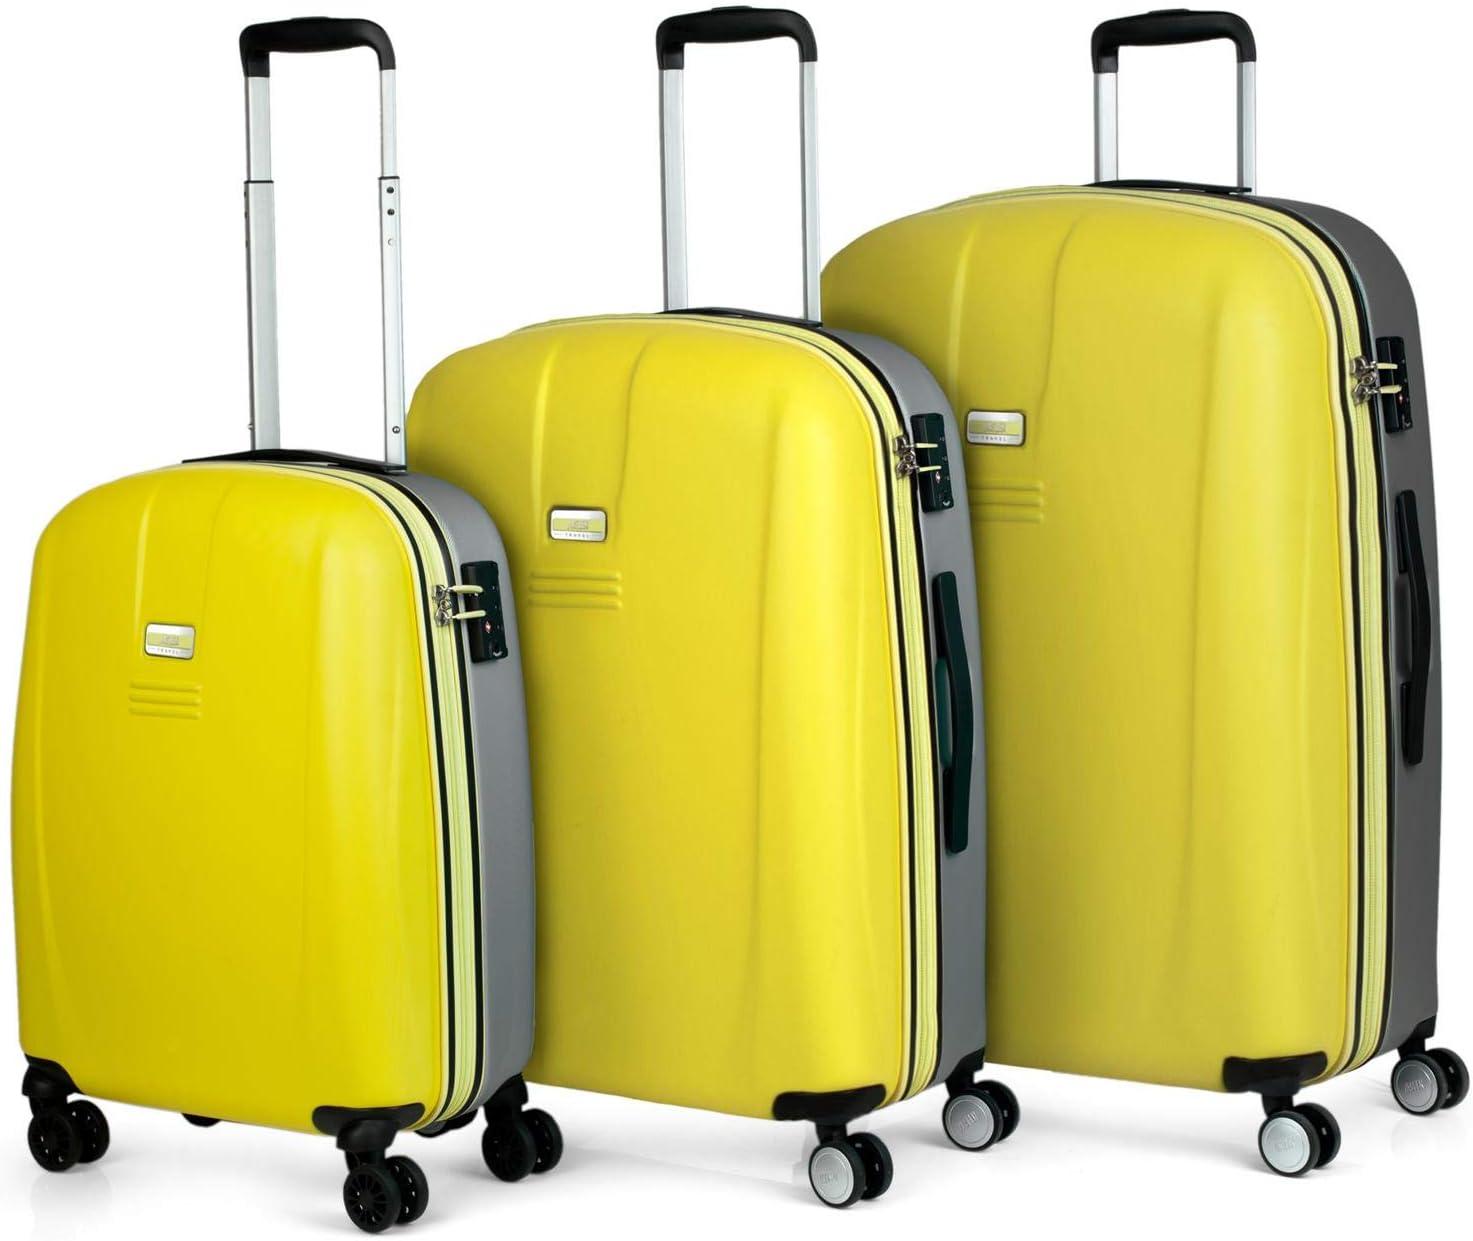 JASLEN - Maletas de Viaje Duras Rígidas 4 Ruedas Trolley ABS. Neceser. Cómodas Resistentes y Ligeras. Cabina, Mediana y Grande. Candado TSA (Amarillo-Plata, Juego de 3 Maletas)